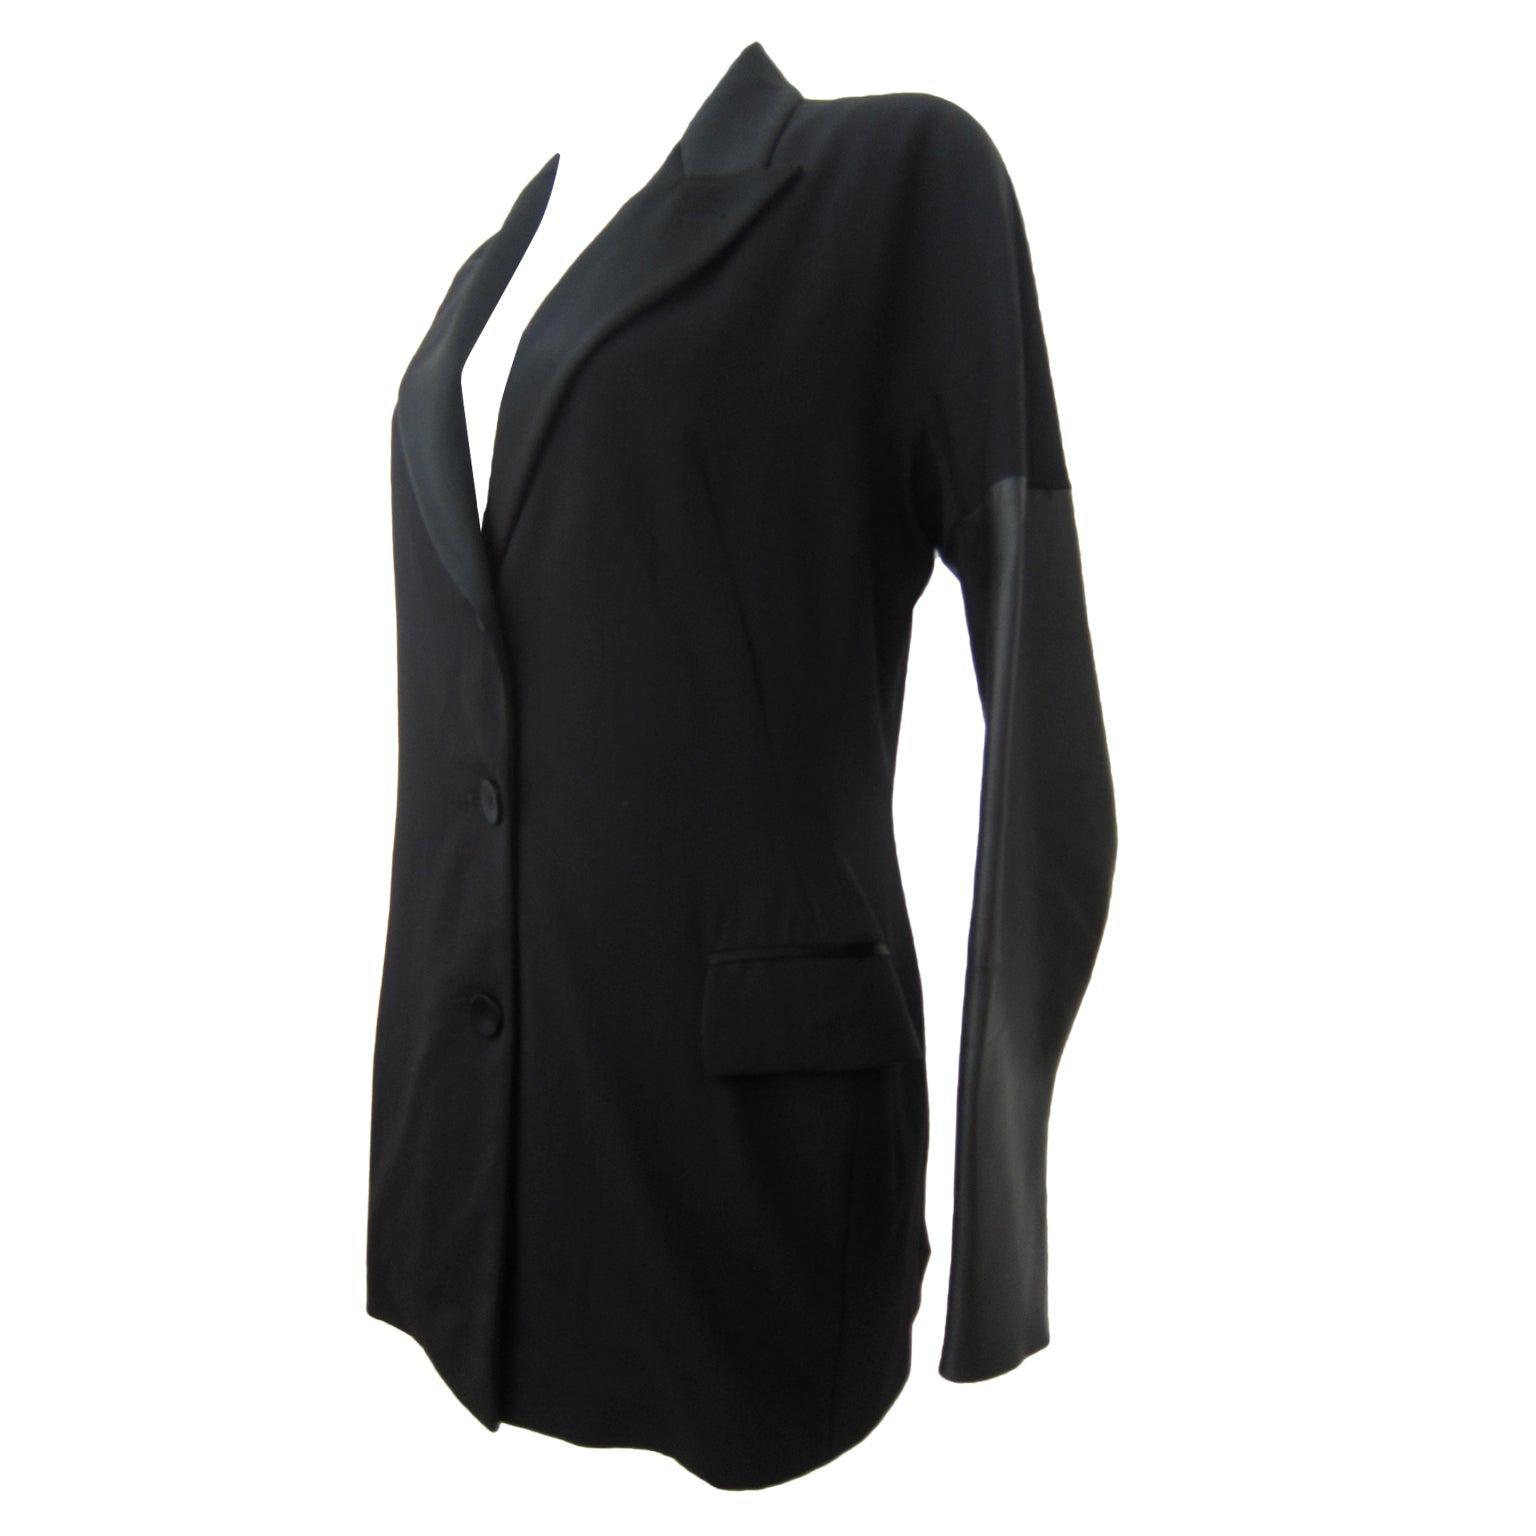 Jean Paul Gaultier FEMME Blazer Jacket Leather Sleeves 90s